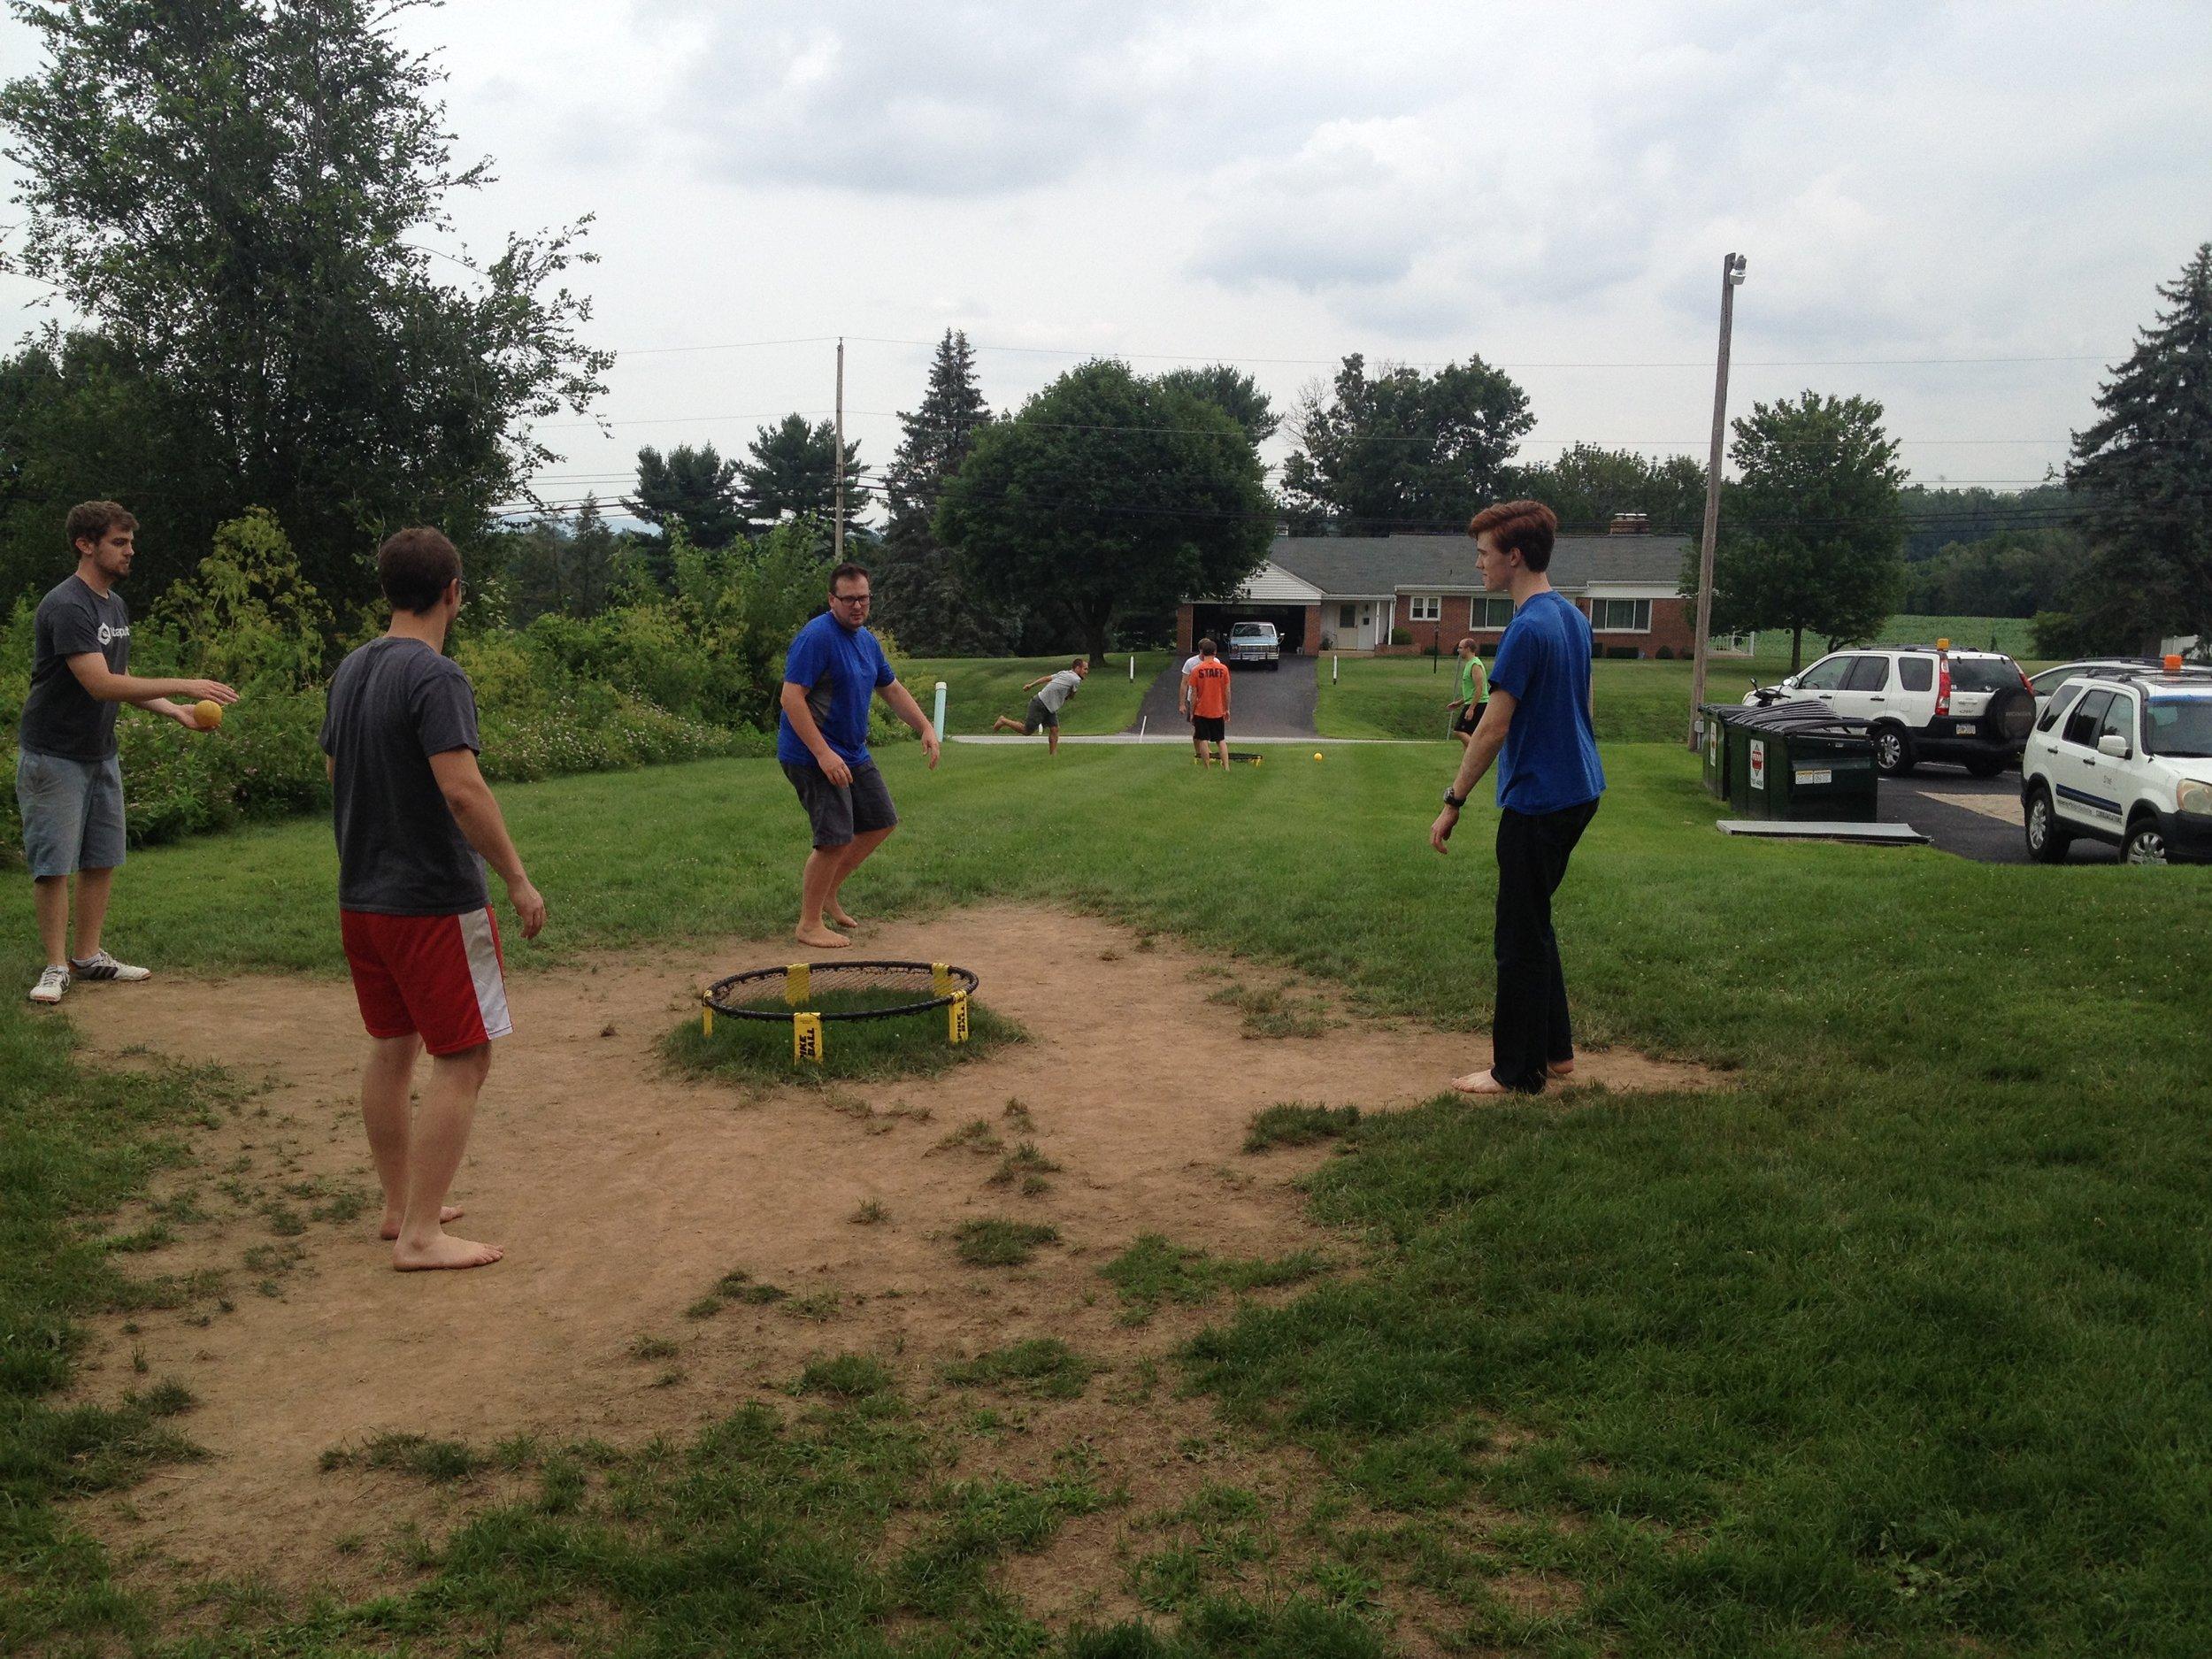 Katapult Employees having fun playing spkeball